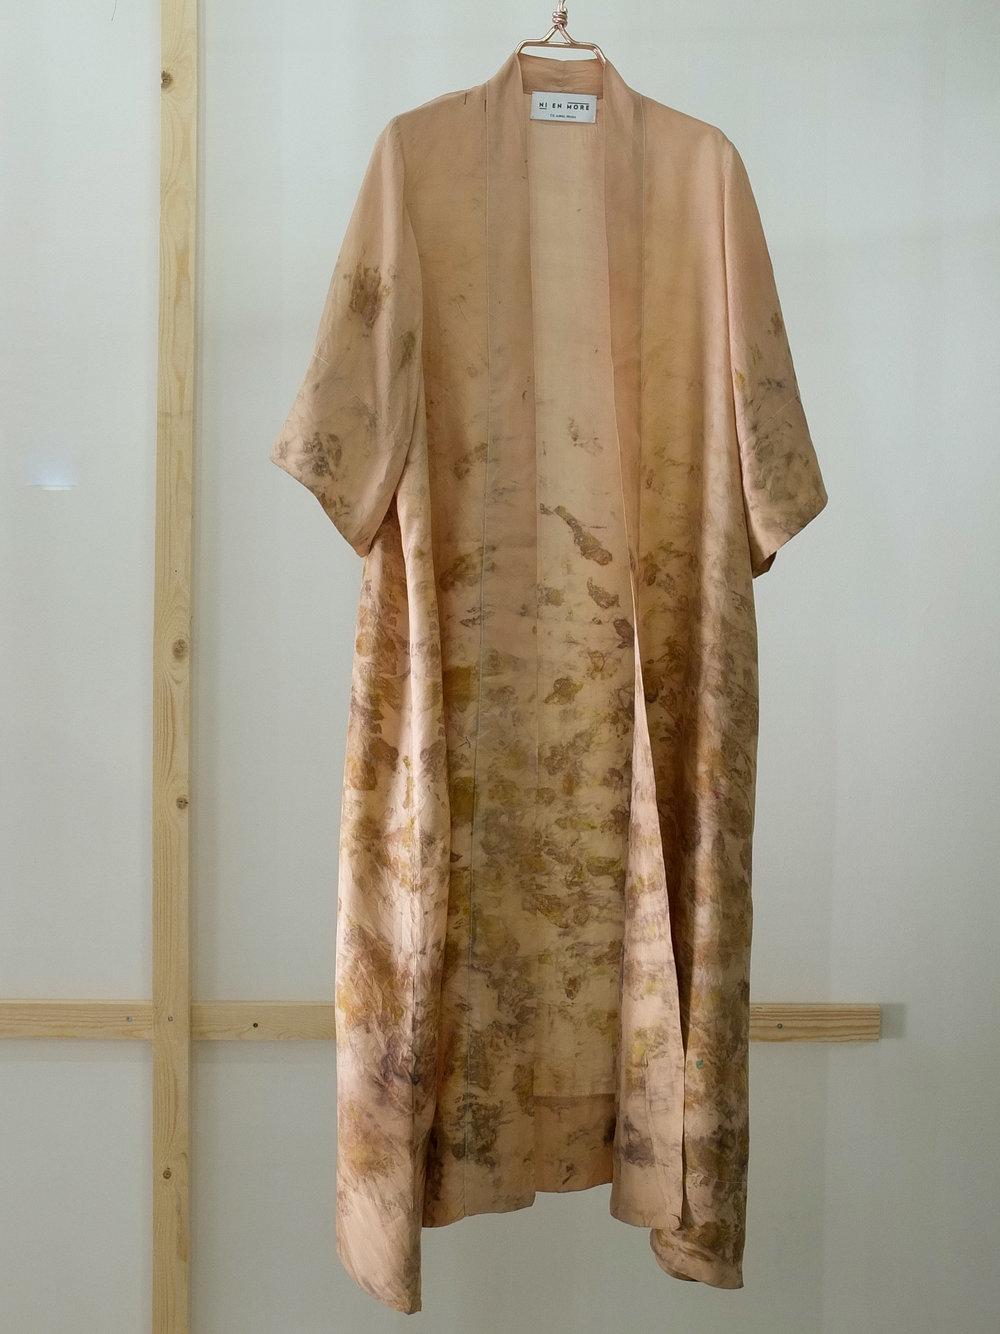 Robe 11 front 2 u belte, str M.JPG